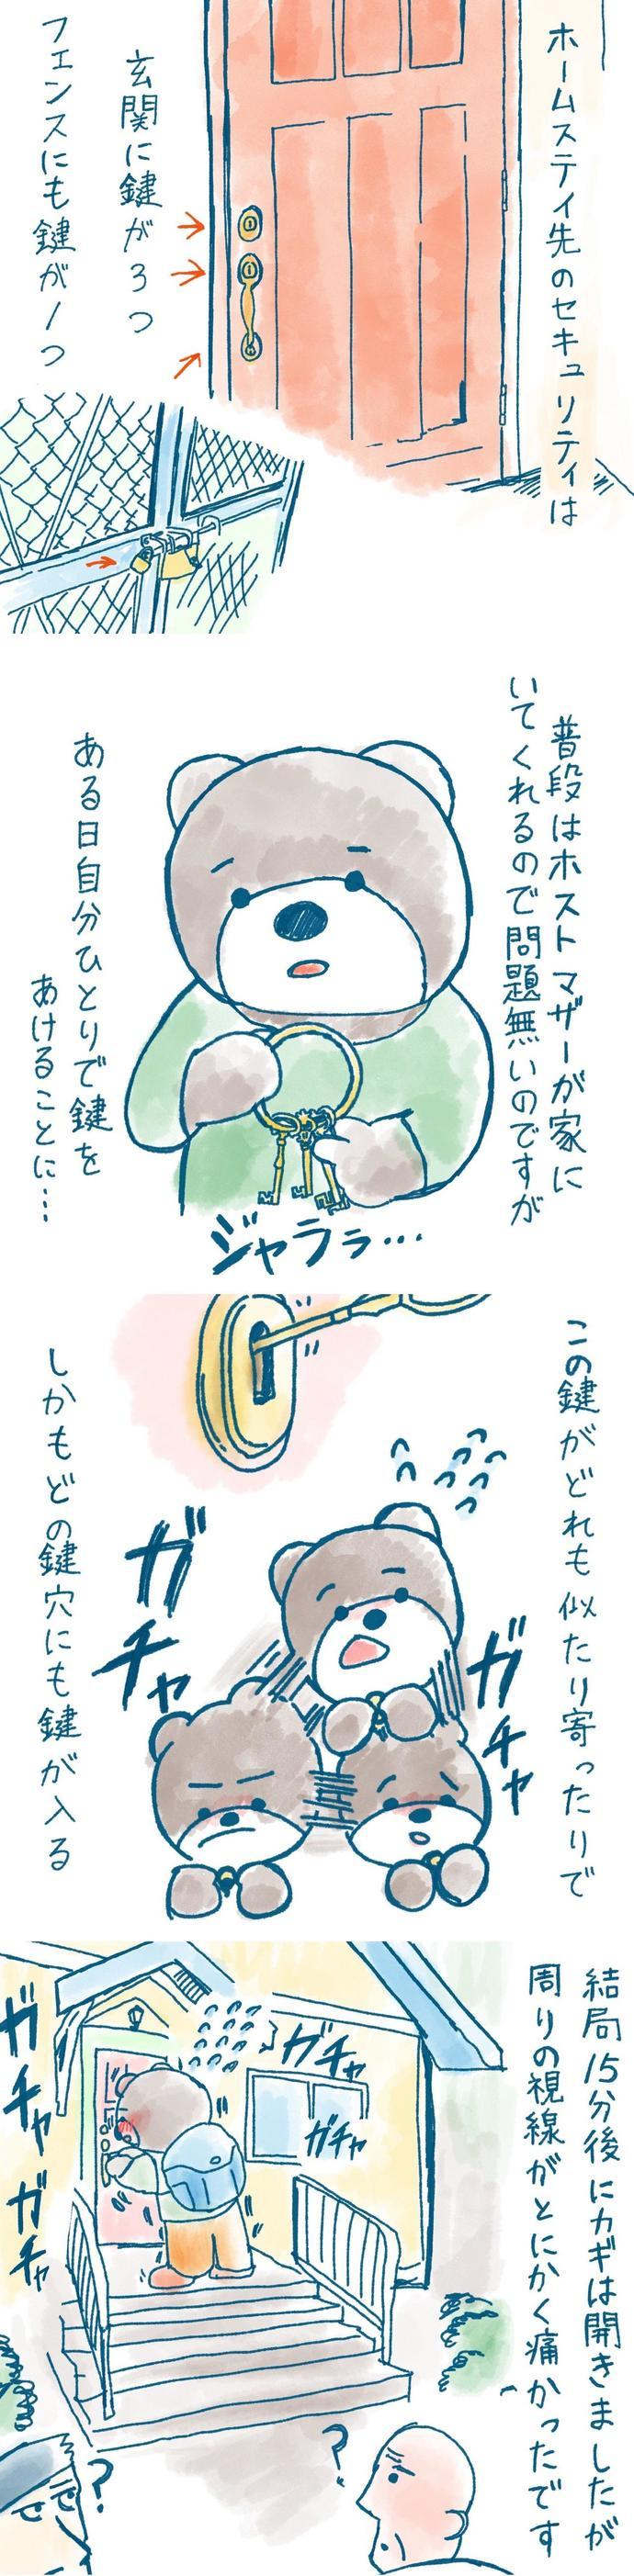 ryugakuma_03_1280.jpg